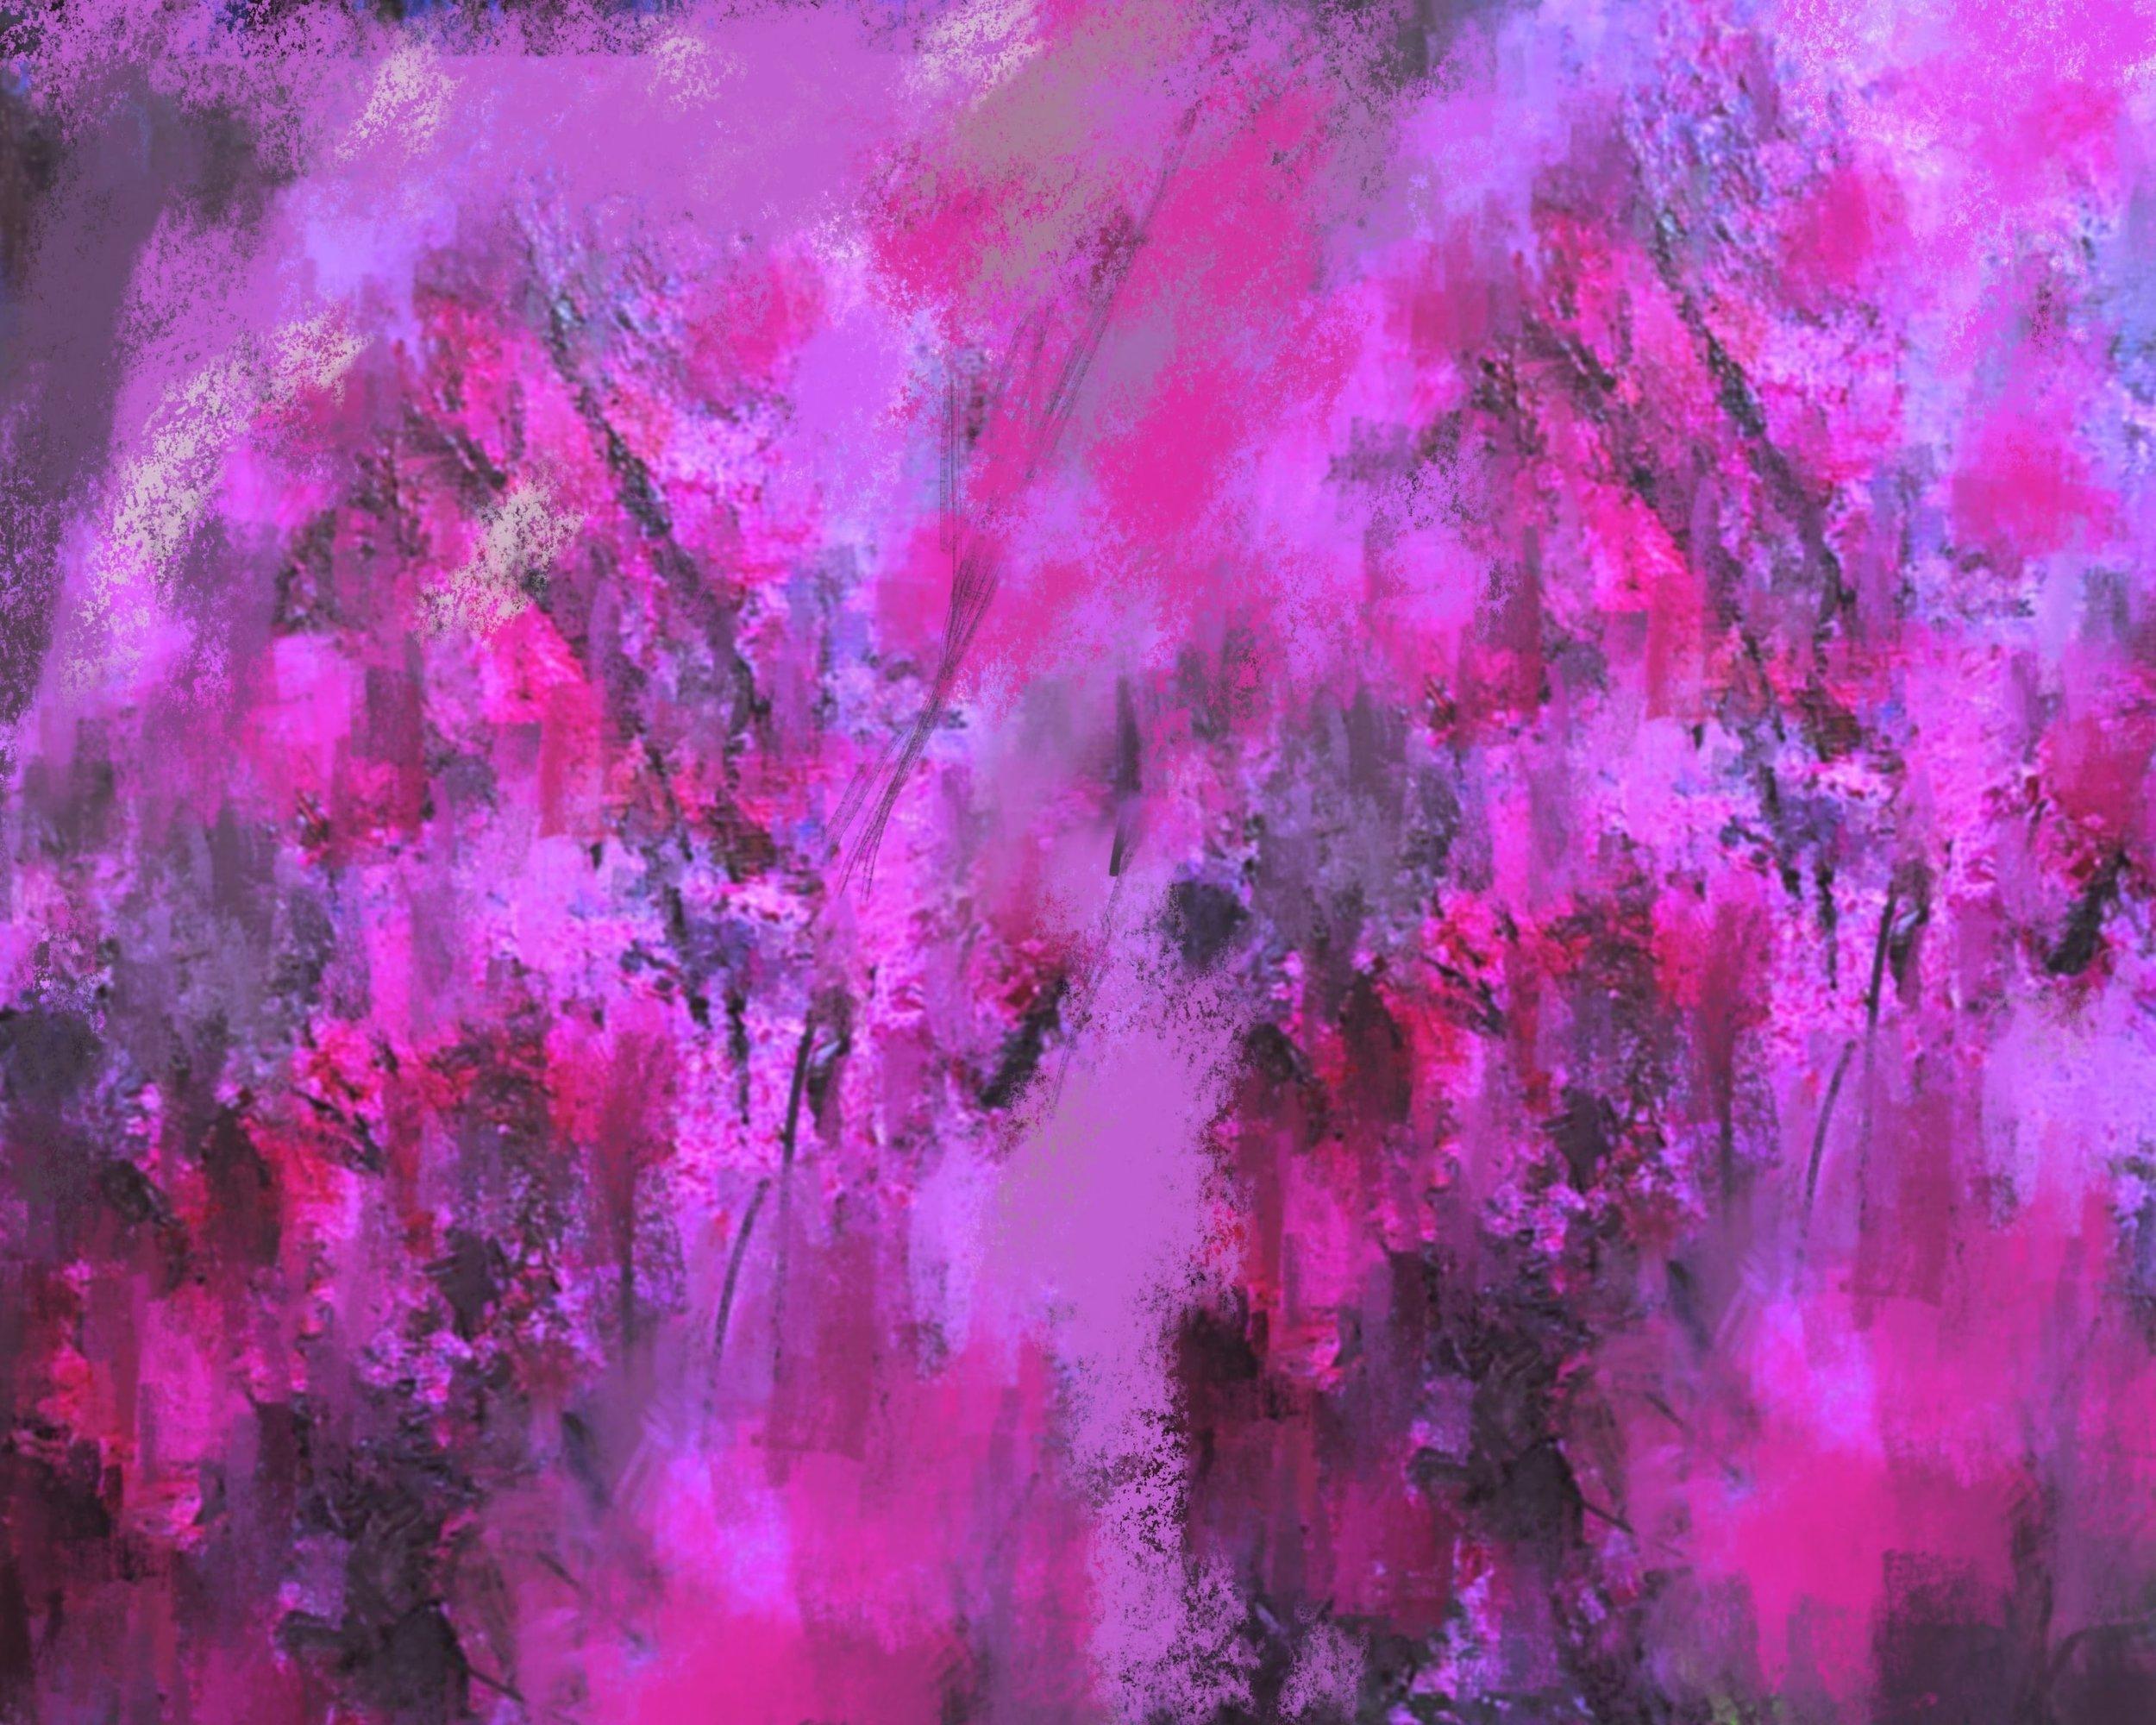 iPad digital painting version 3